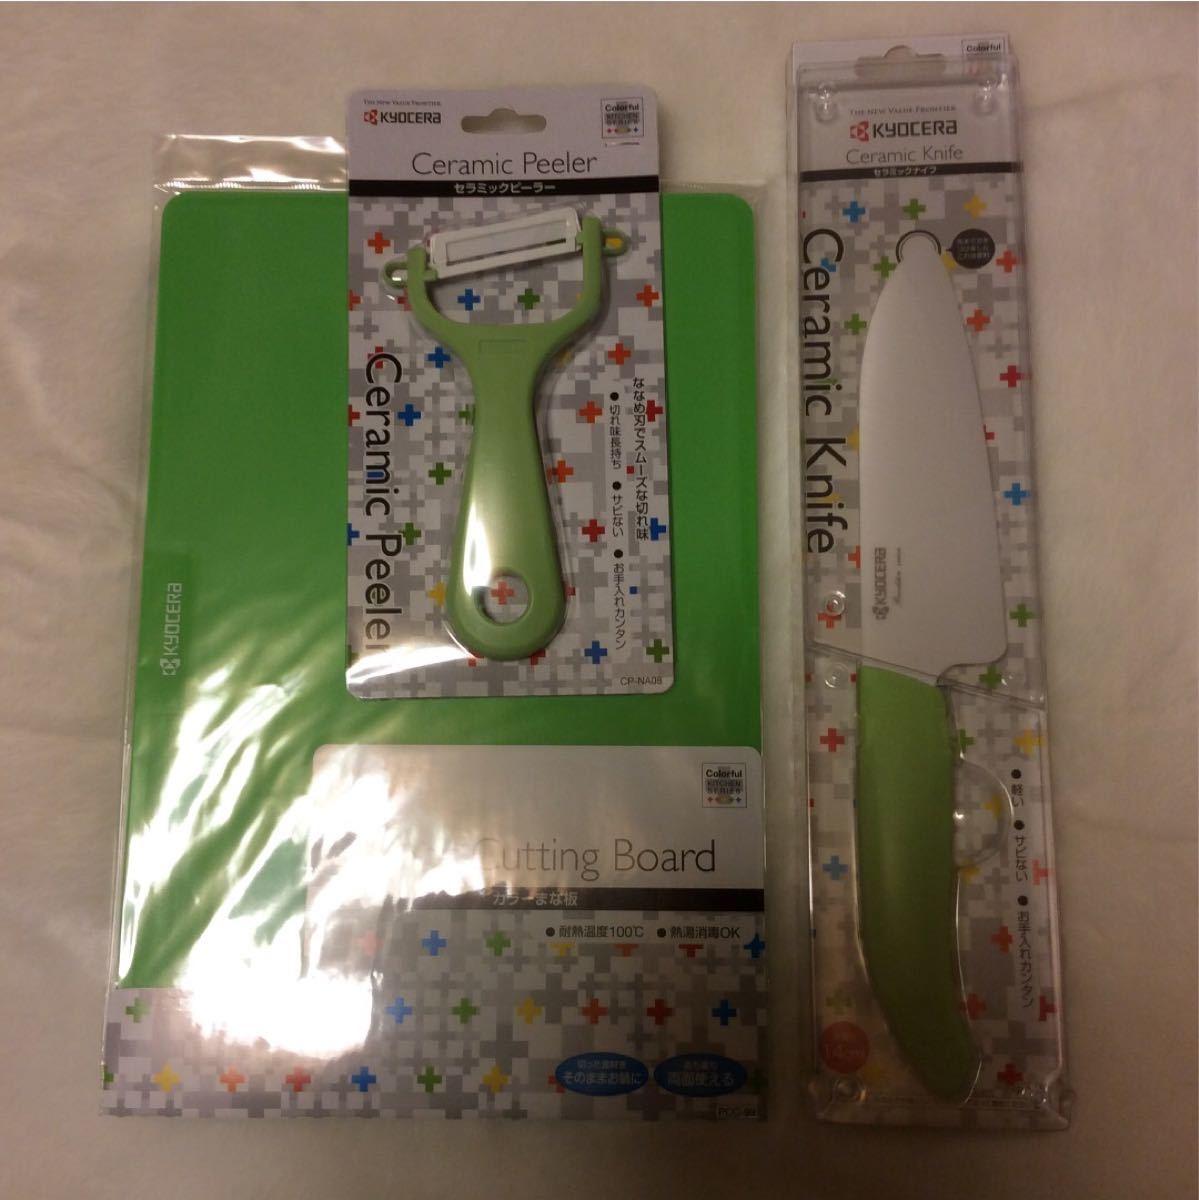 新品 京セラ セラミックナイフ セラミック包丁 3点セット セラミック包丁 セラミックピーラー まな板 KYOCERA